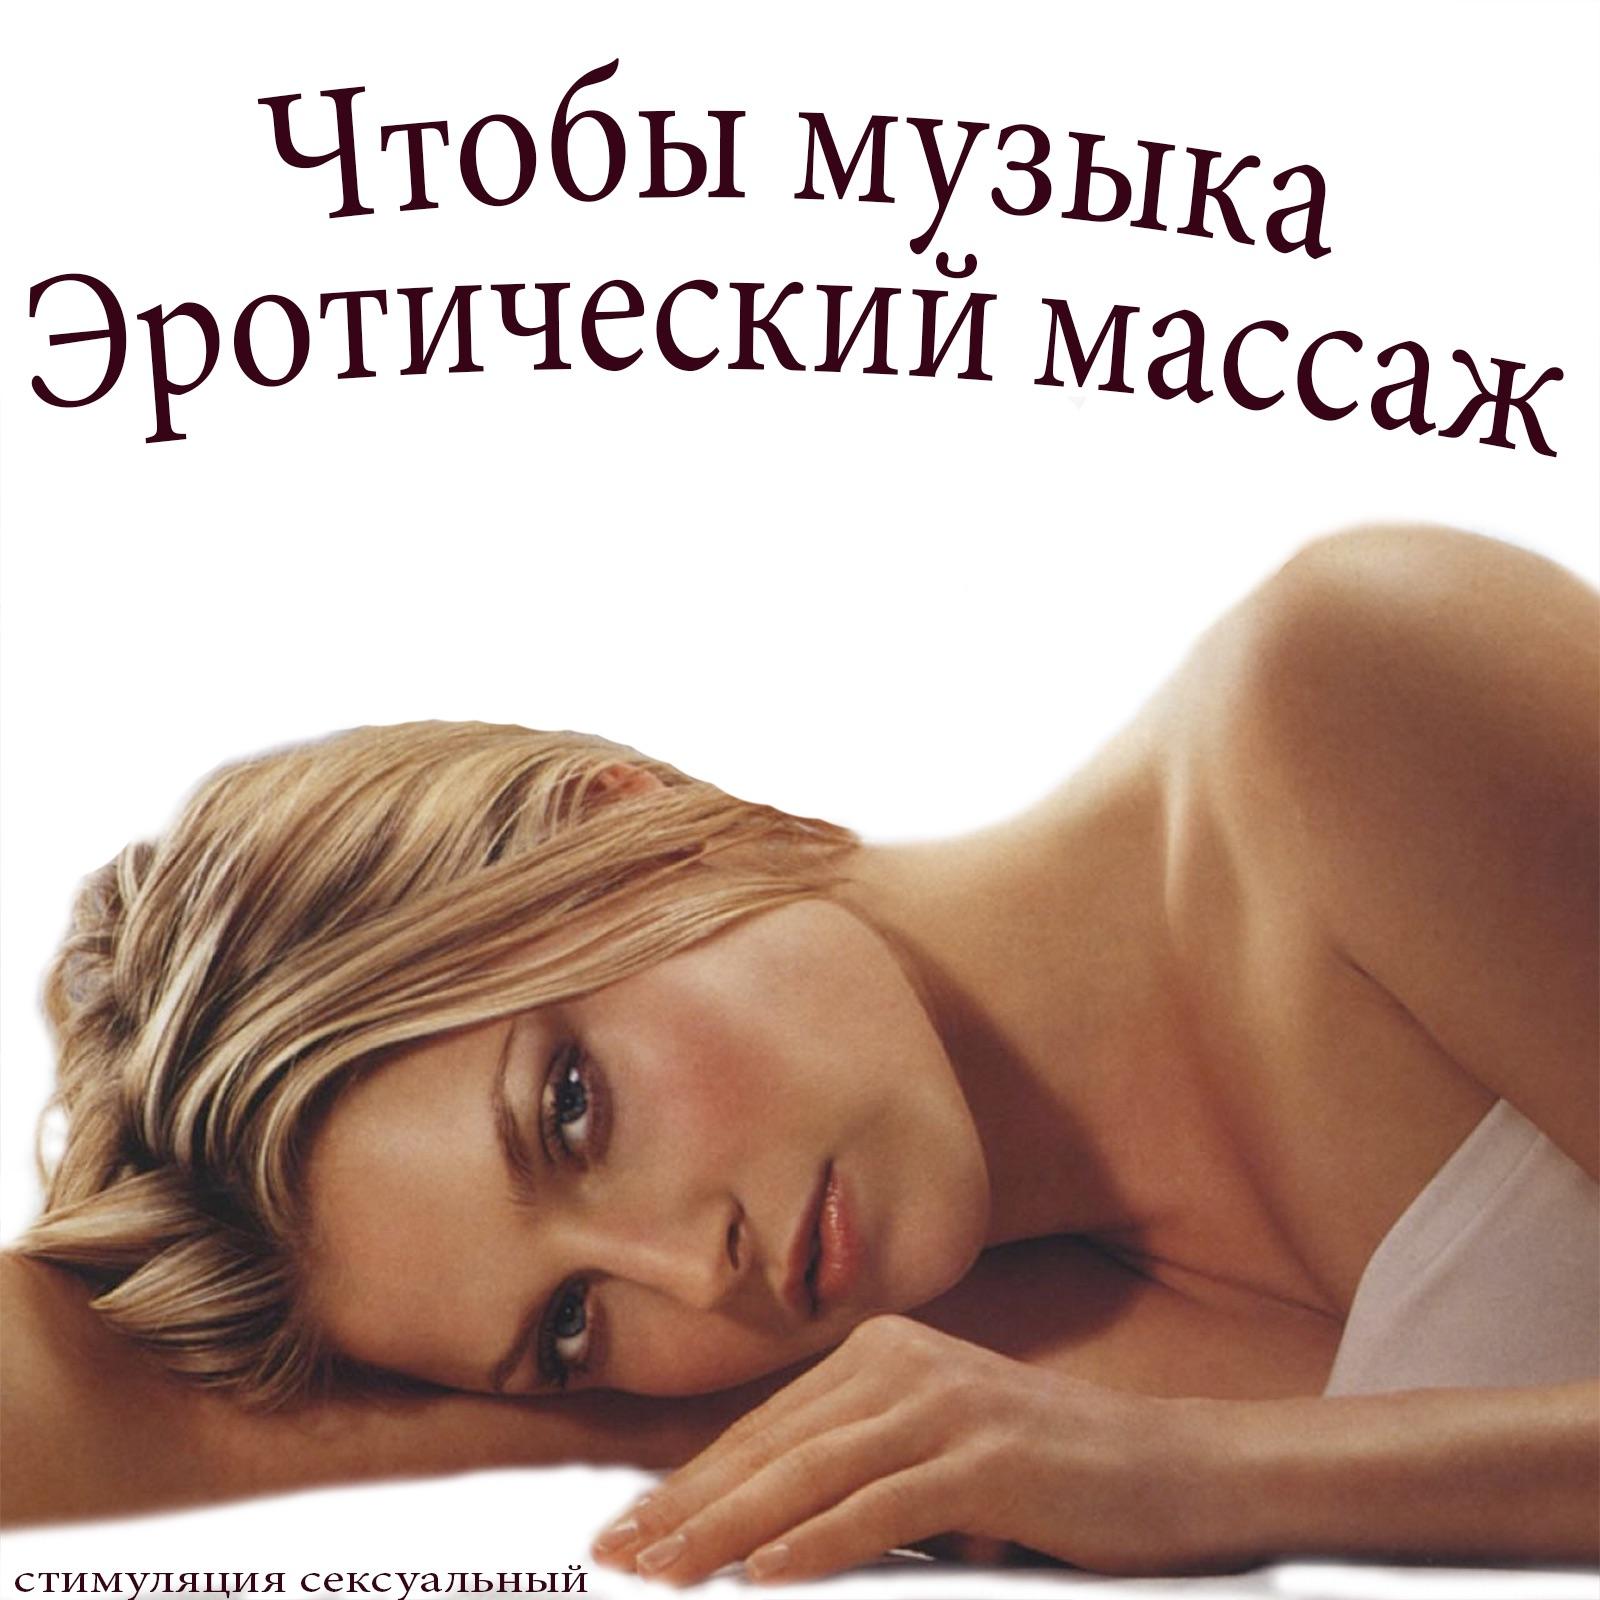 Эротический массаж и мастурбация 21 фотография